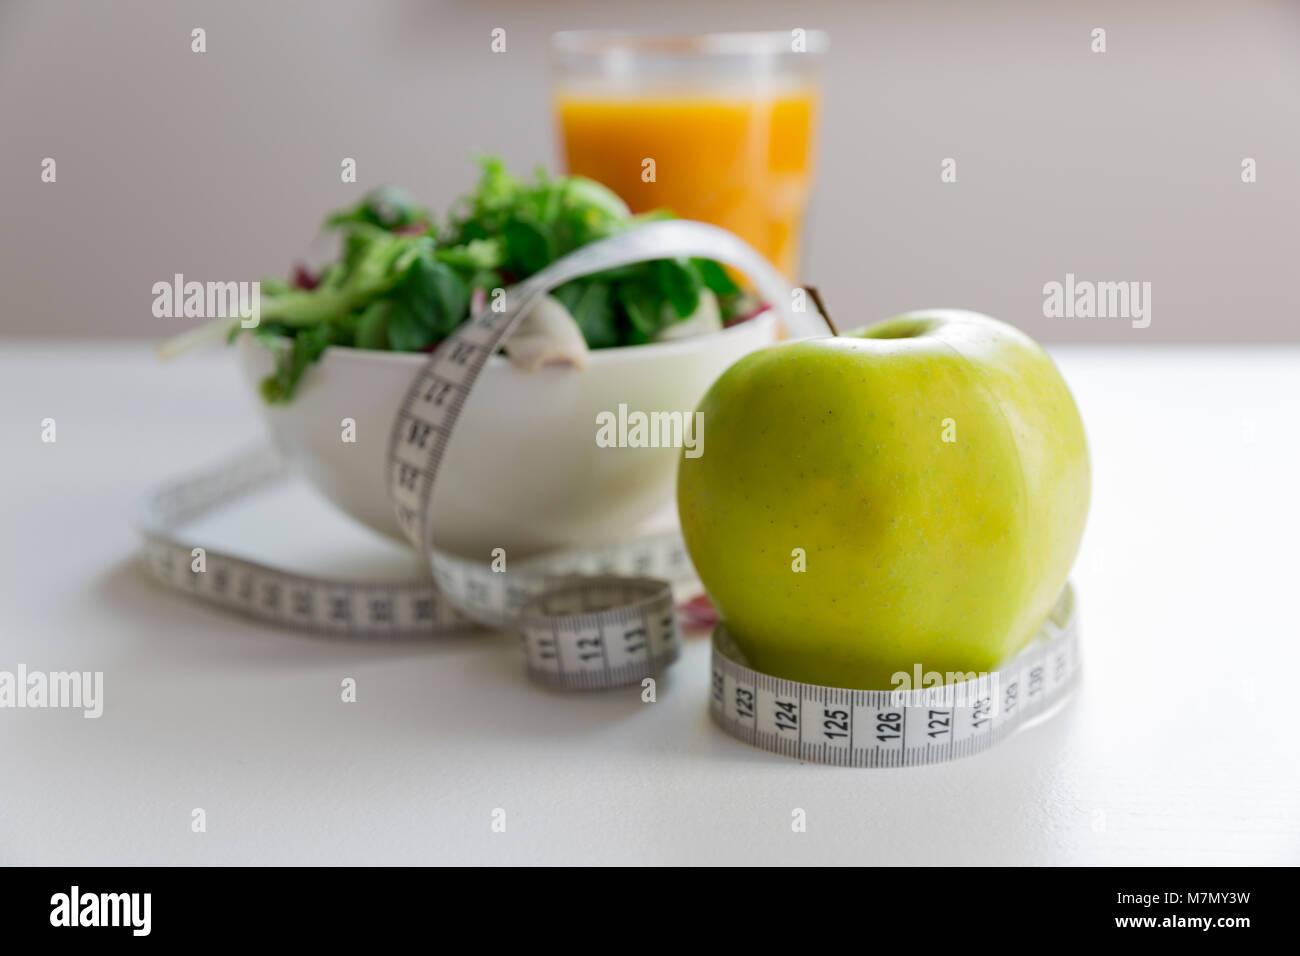 Maßband um den Apfel, Schüssel grünem Salat und ein Glas Saft. Gewicht Verlust und richtige Ernährung Stockbild